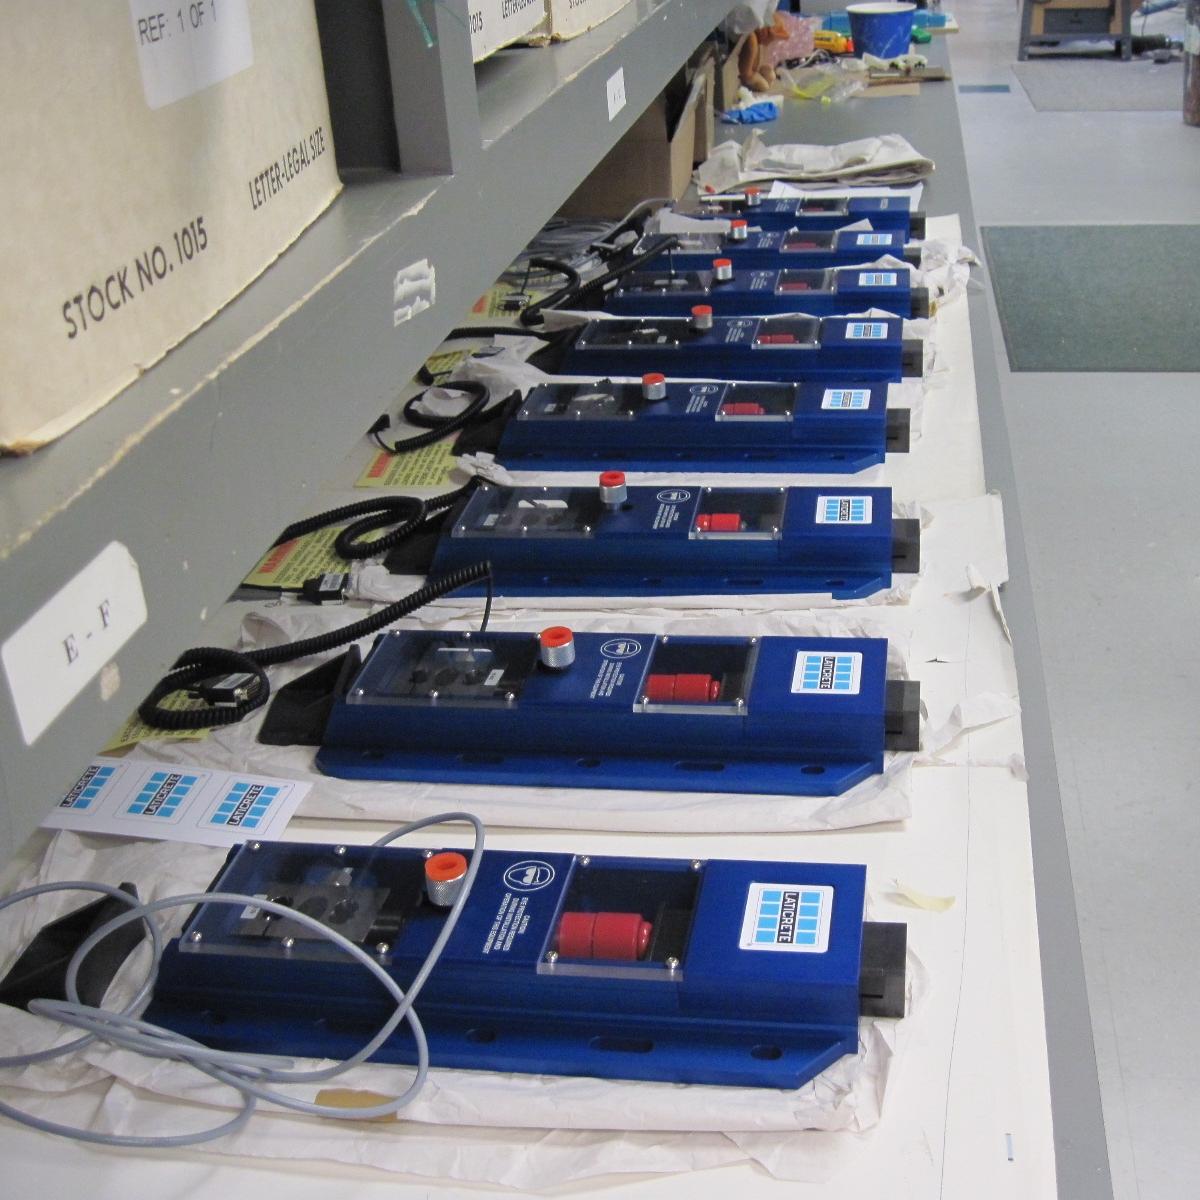 8738 2-10   tester 01.jpg